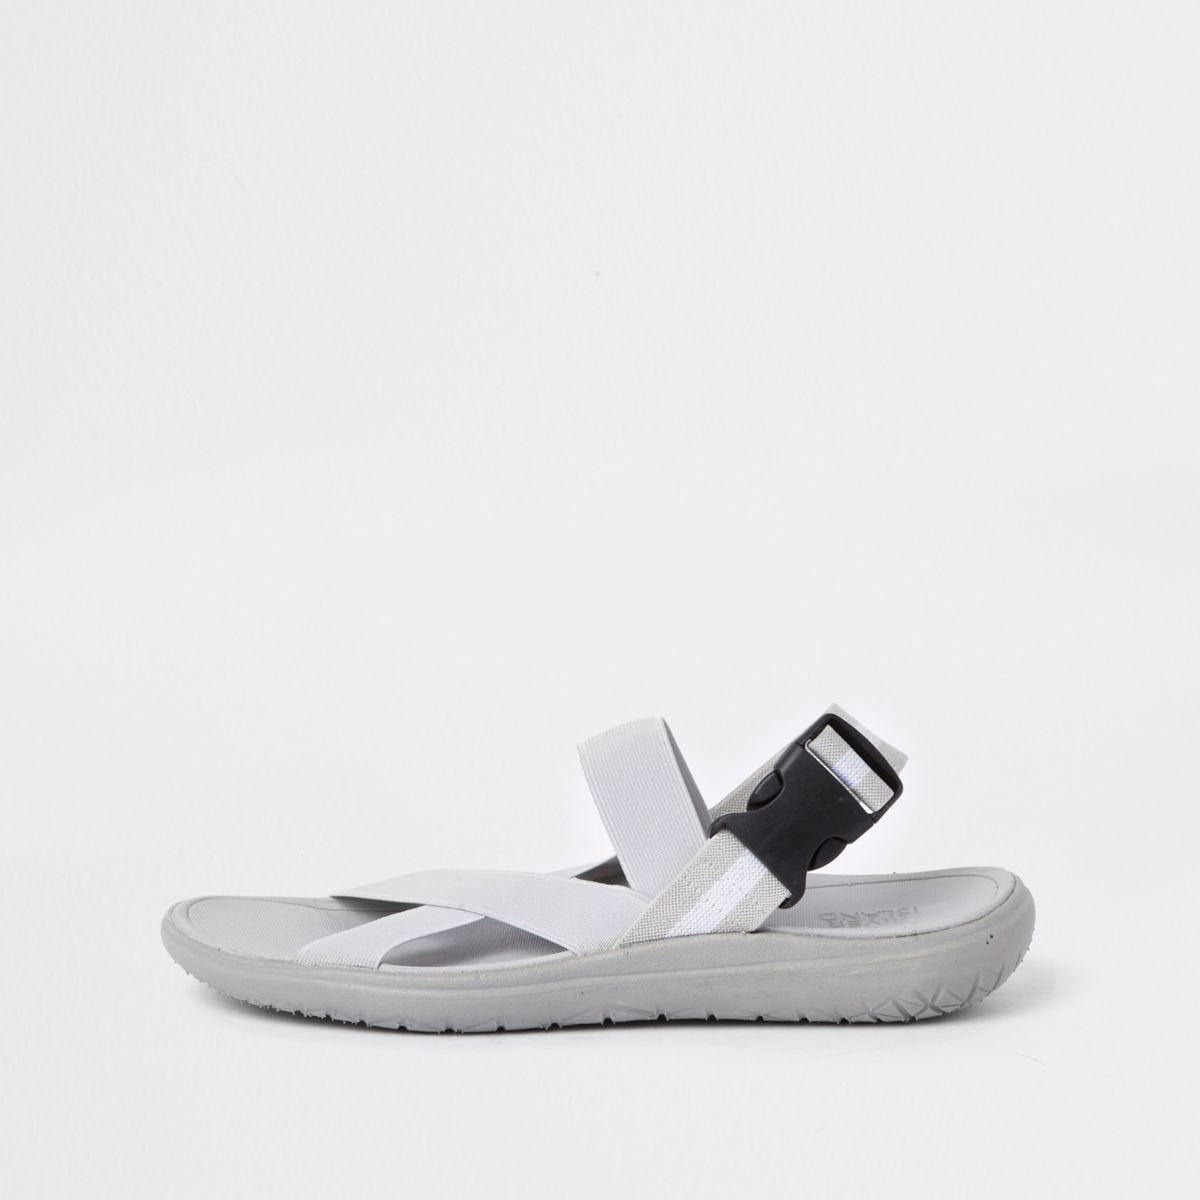 Grey elastic sandals